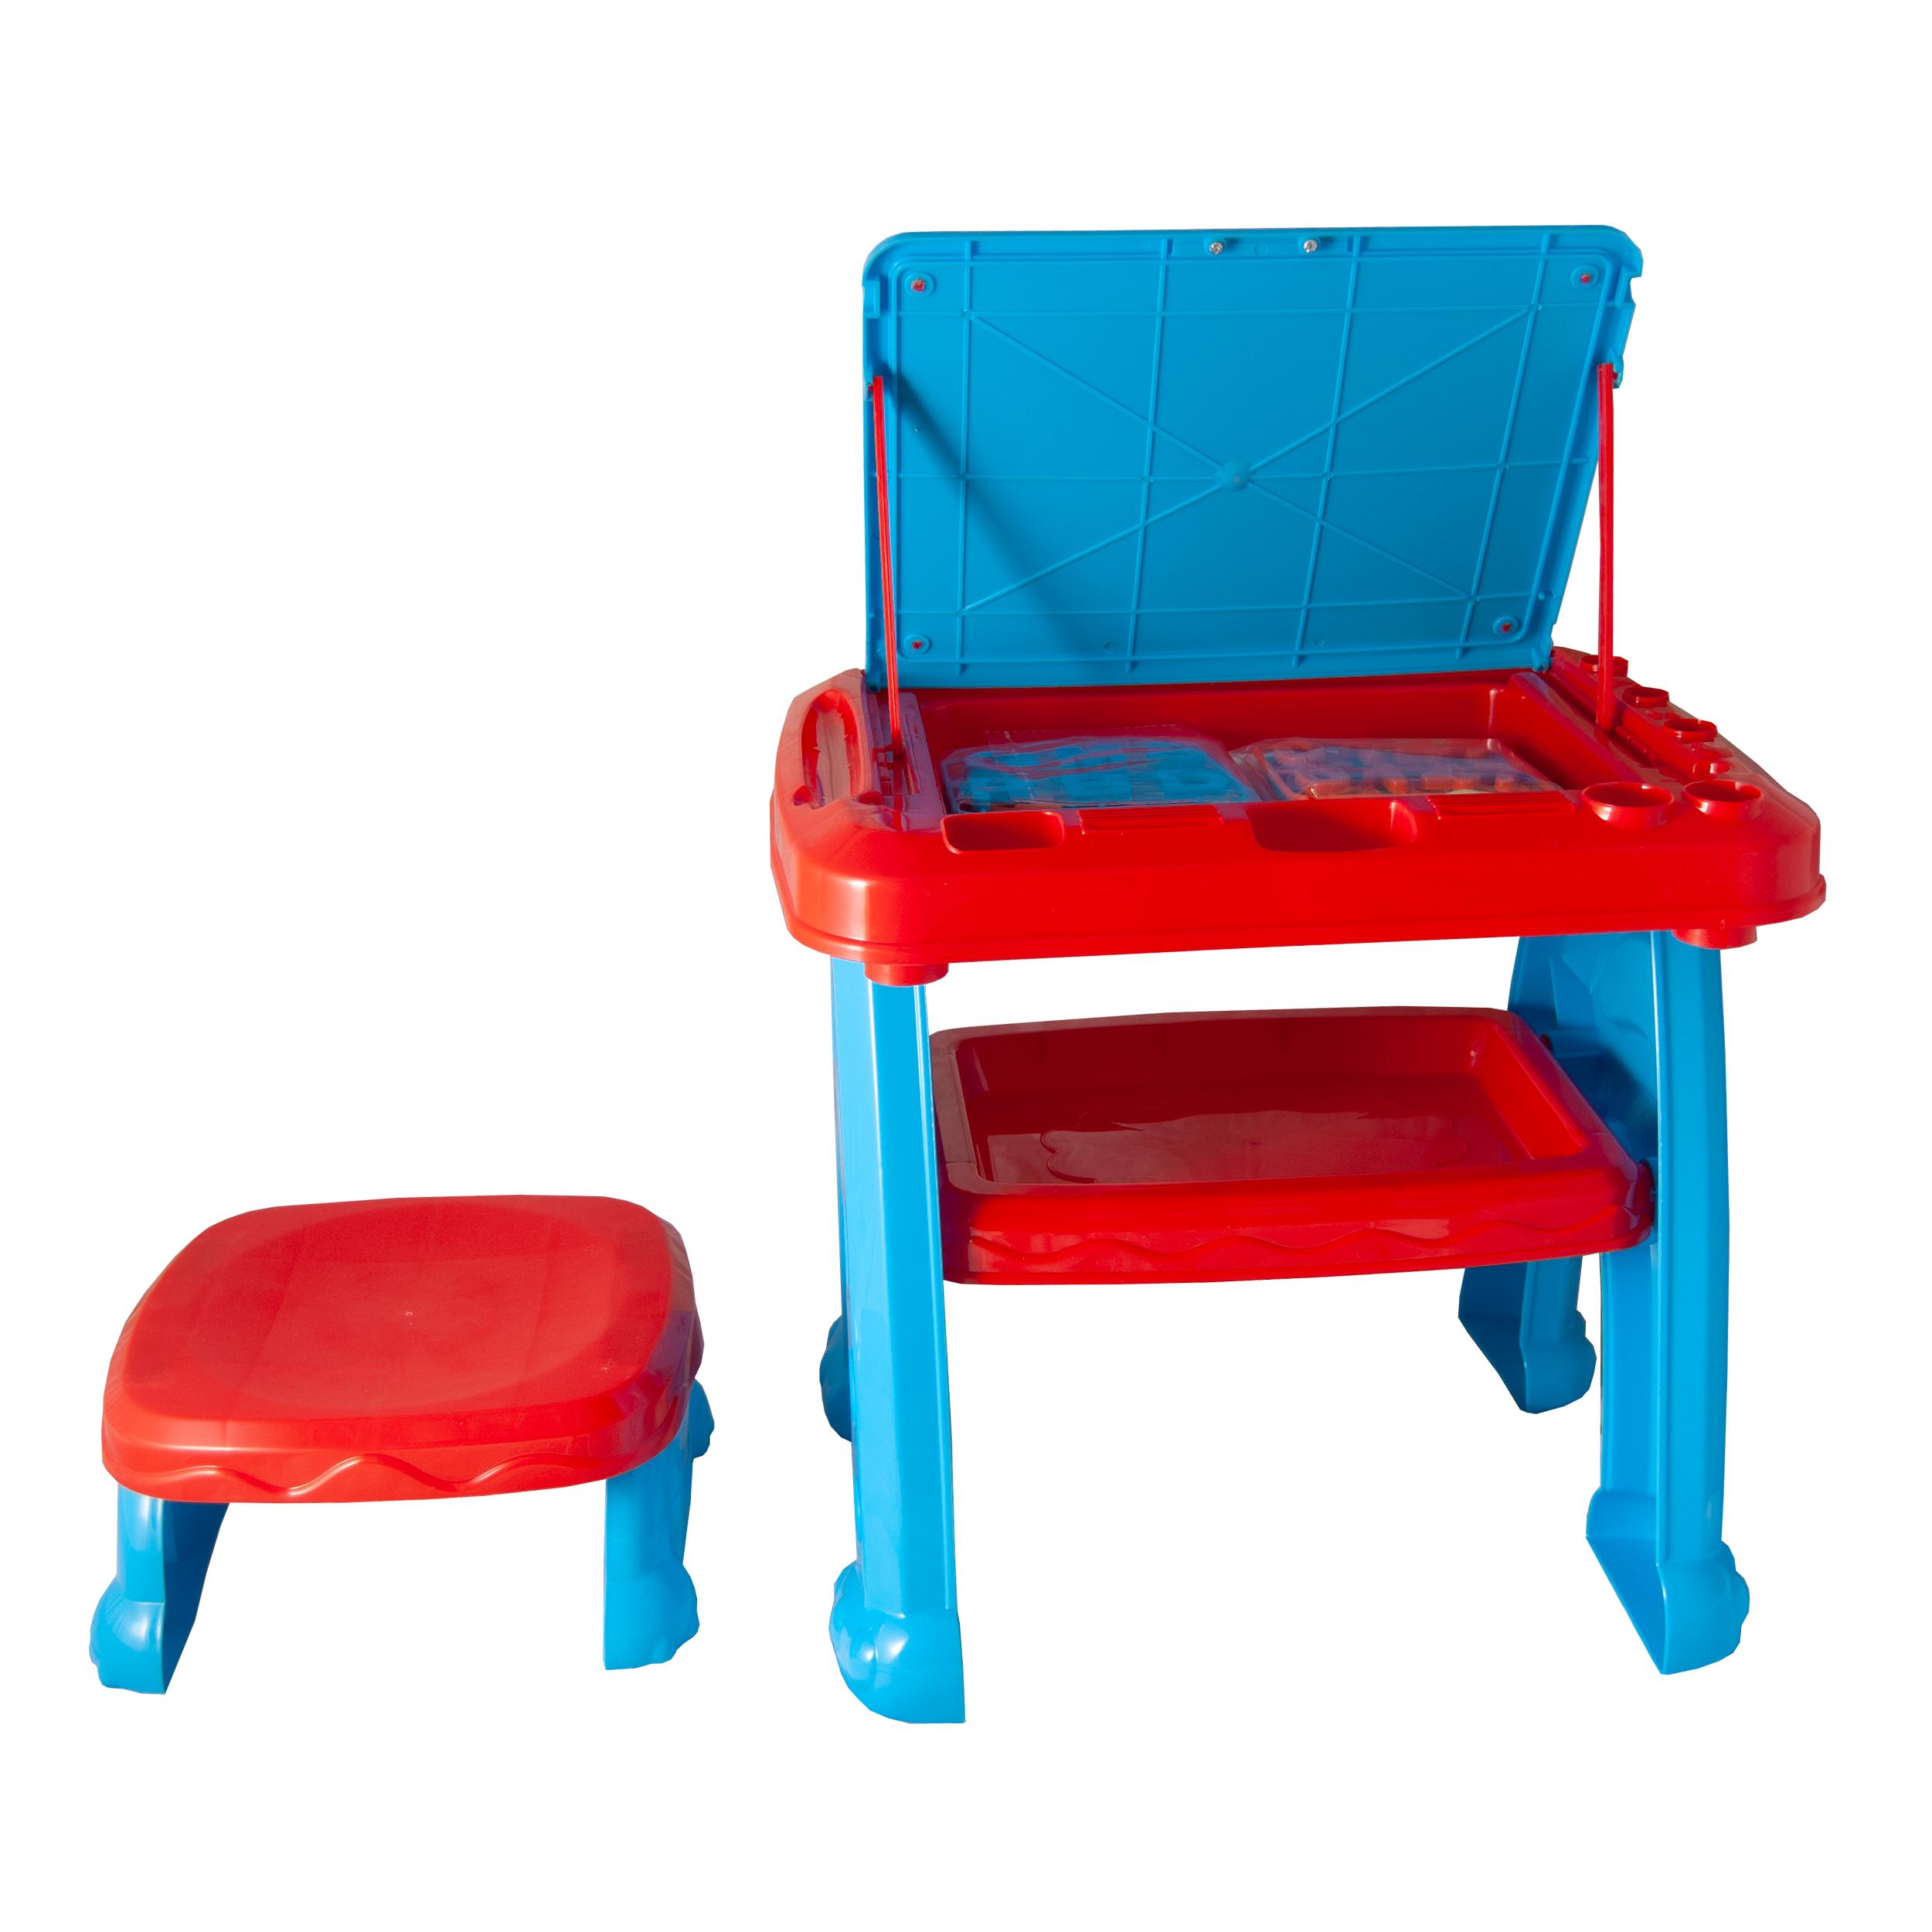 میز و صندلی تحریر کودک آوا مدل AMT1213 کد 1 thumb 2